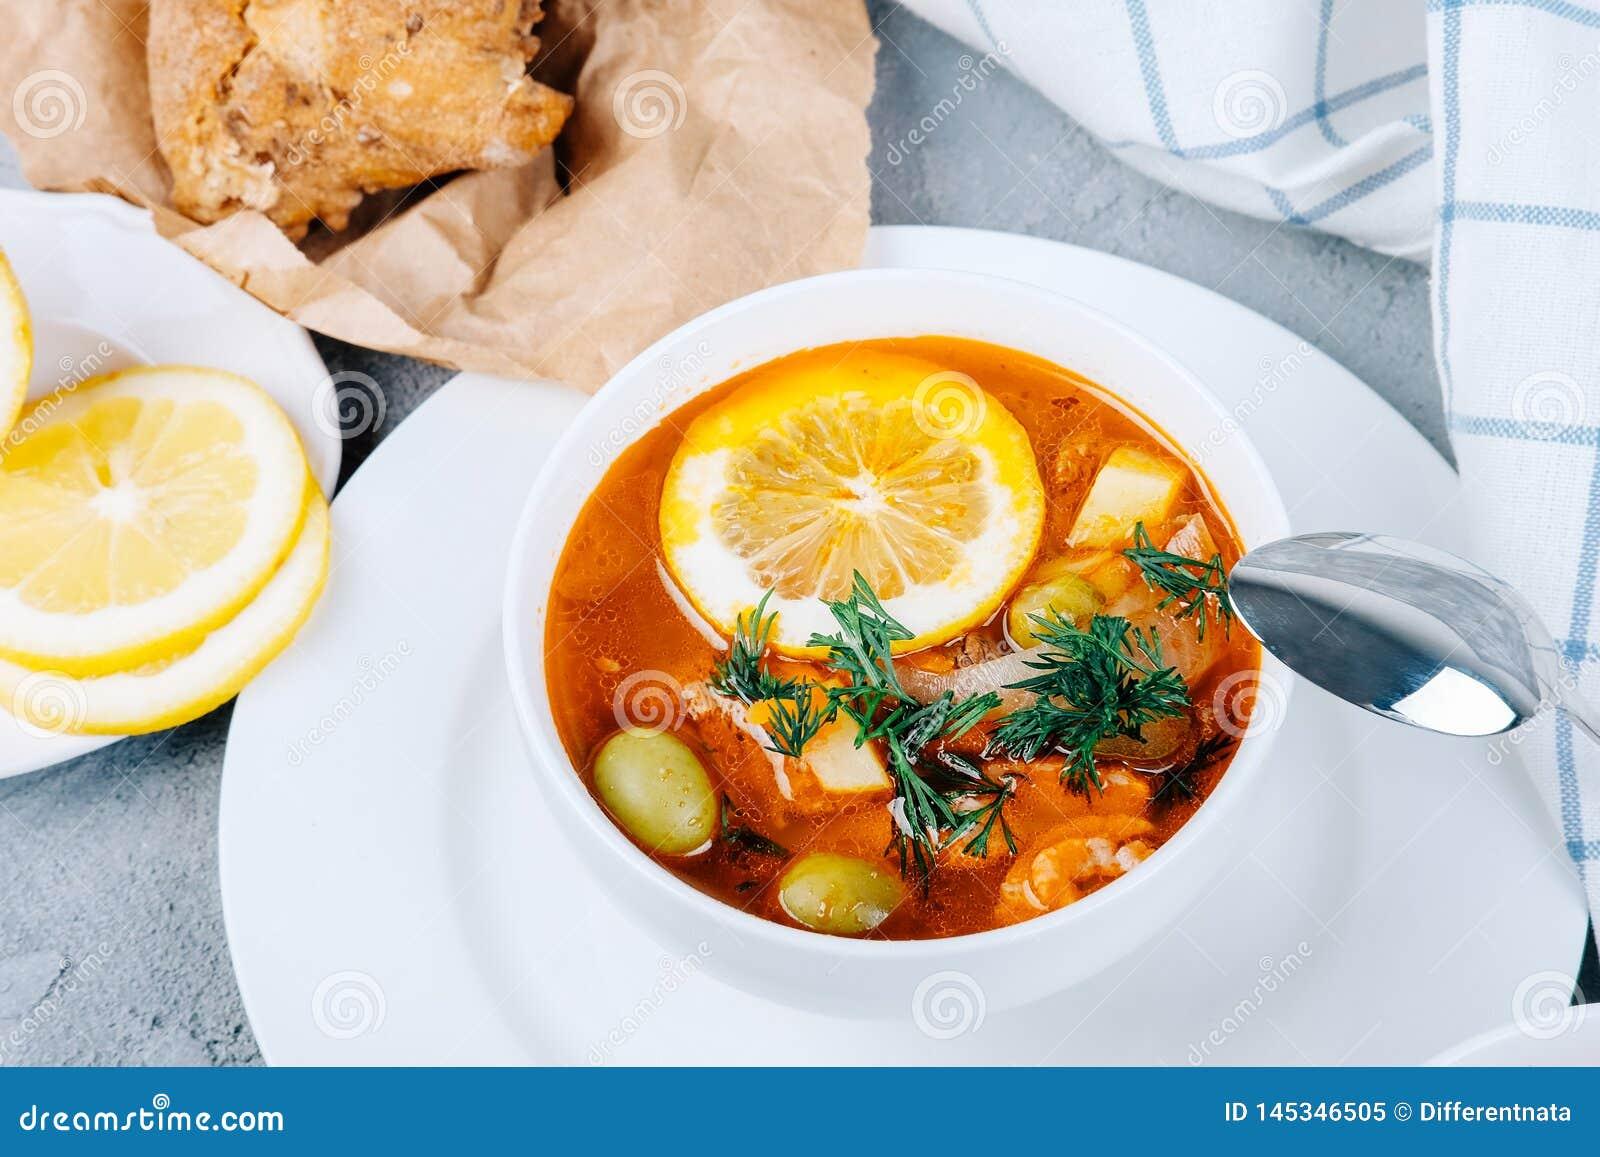 Solyanka uma sopa grossa dos vegetais e da carne servidos com limão e azeitonas